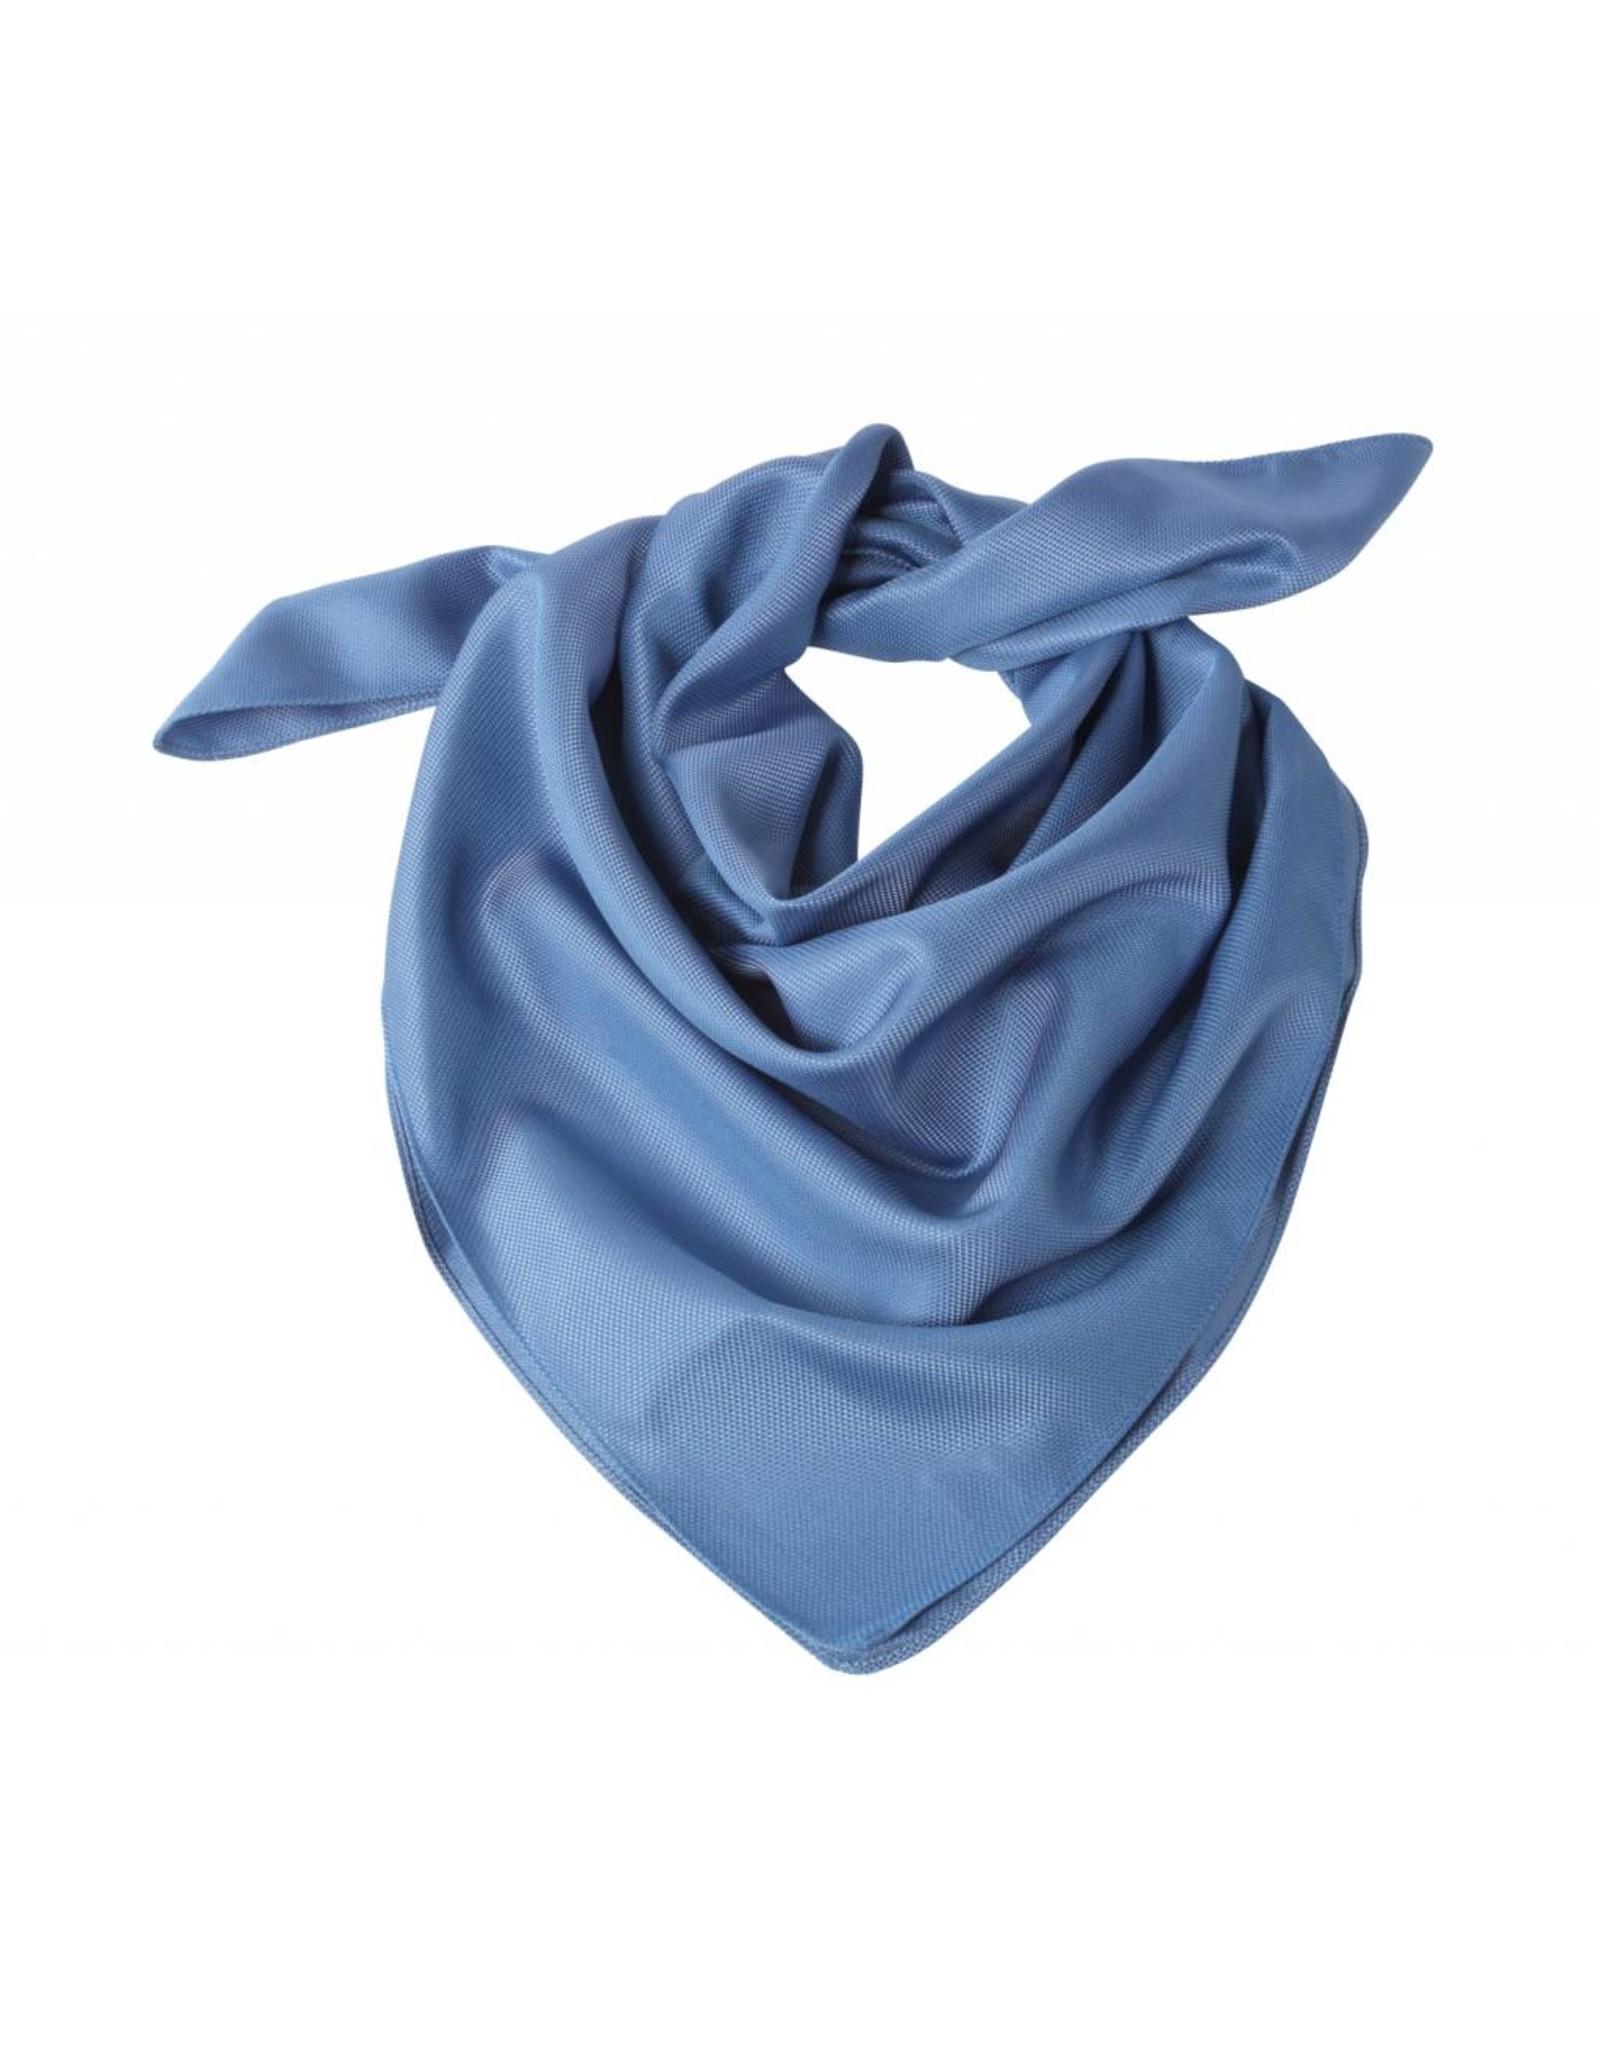 Greiff Halsdoek 6901 blauw